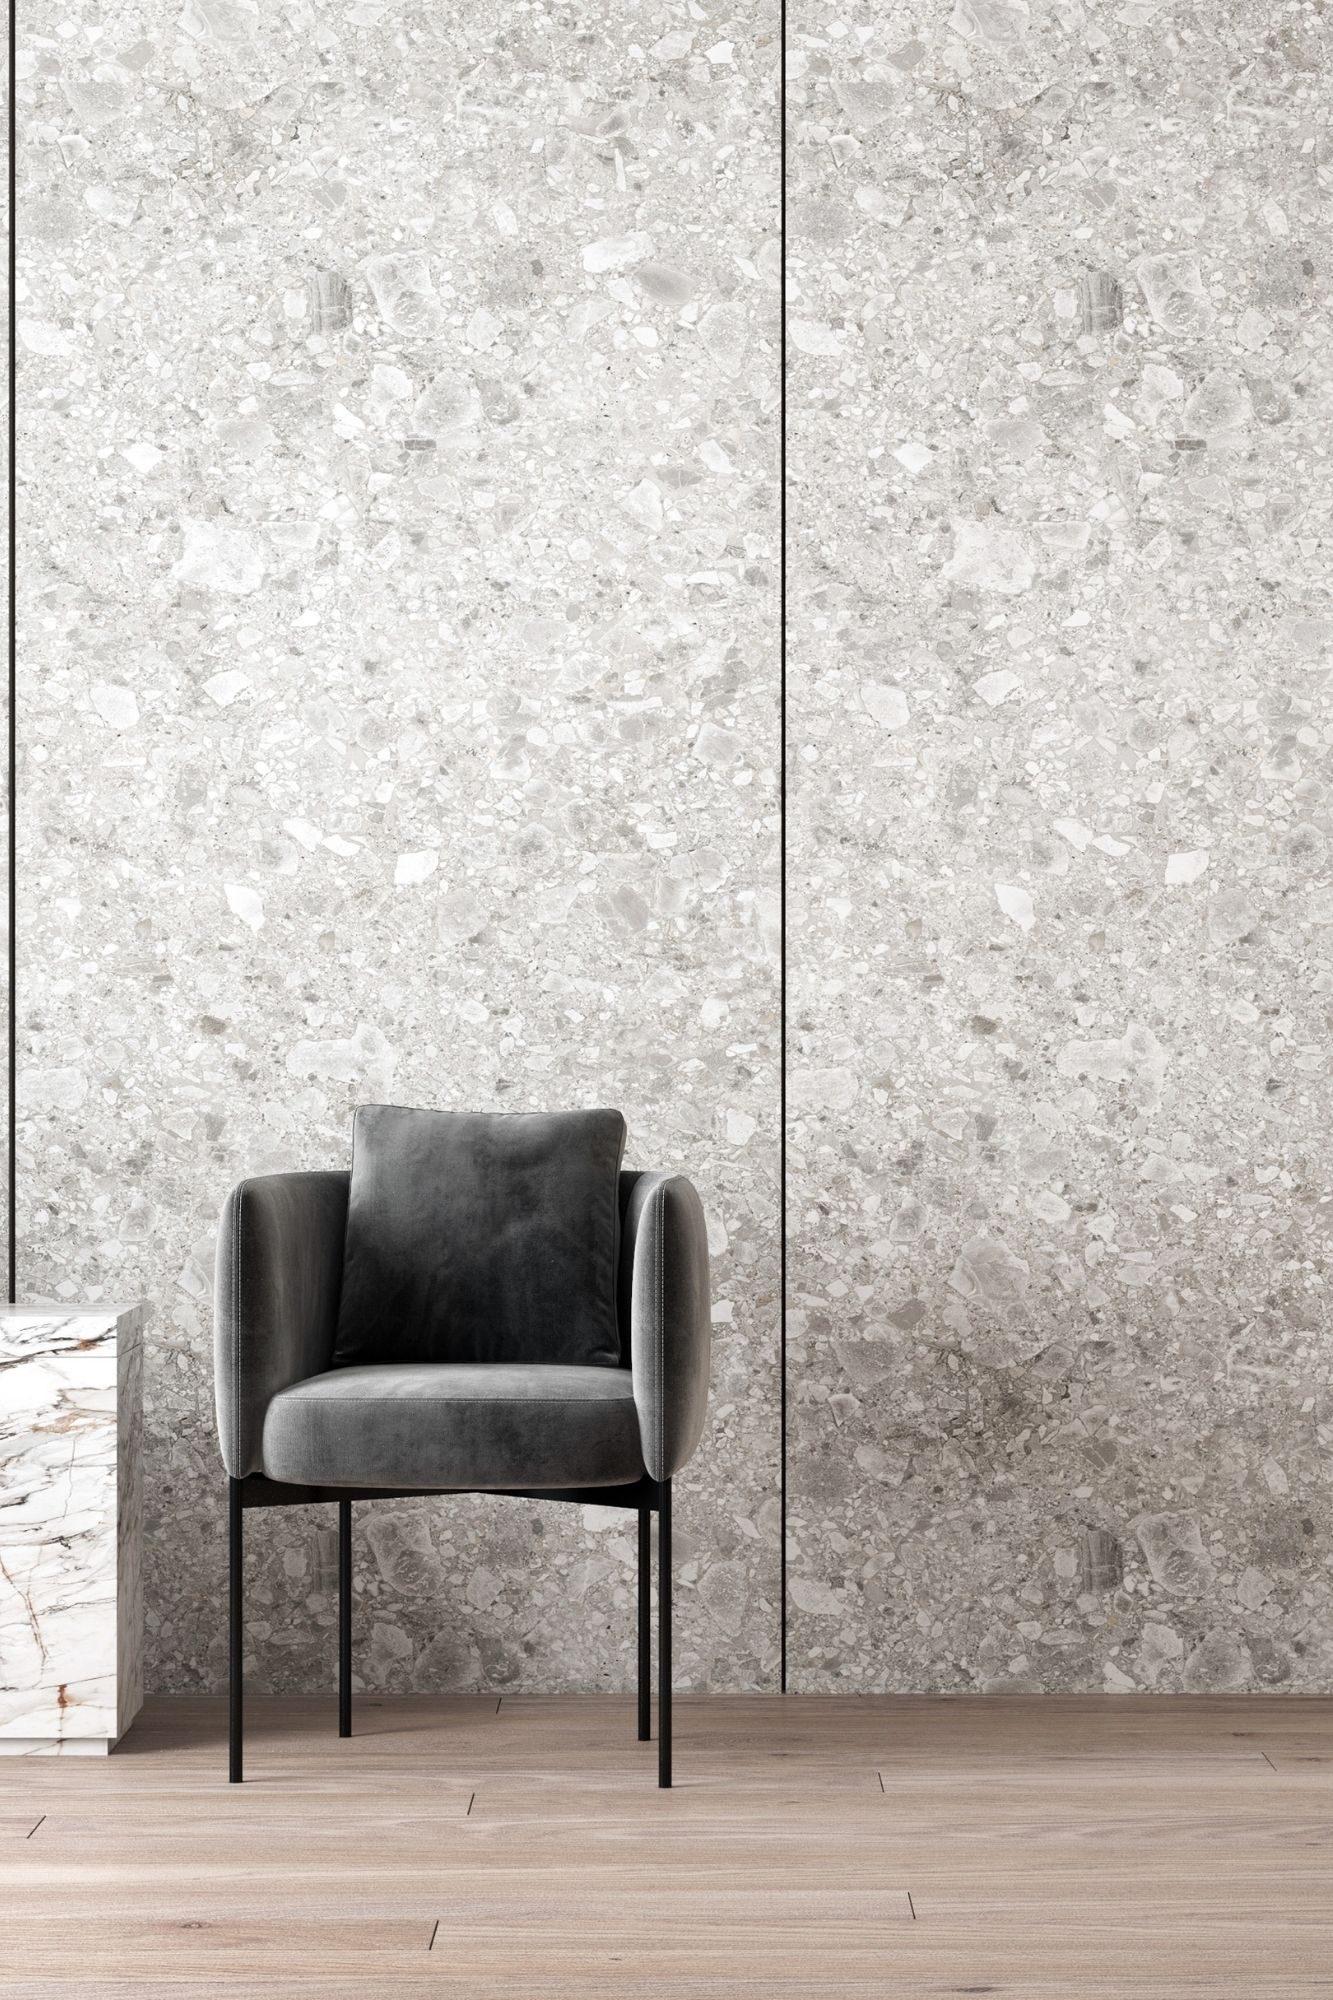 Grey chair in a modern, grey room